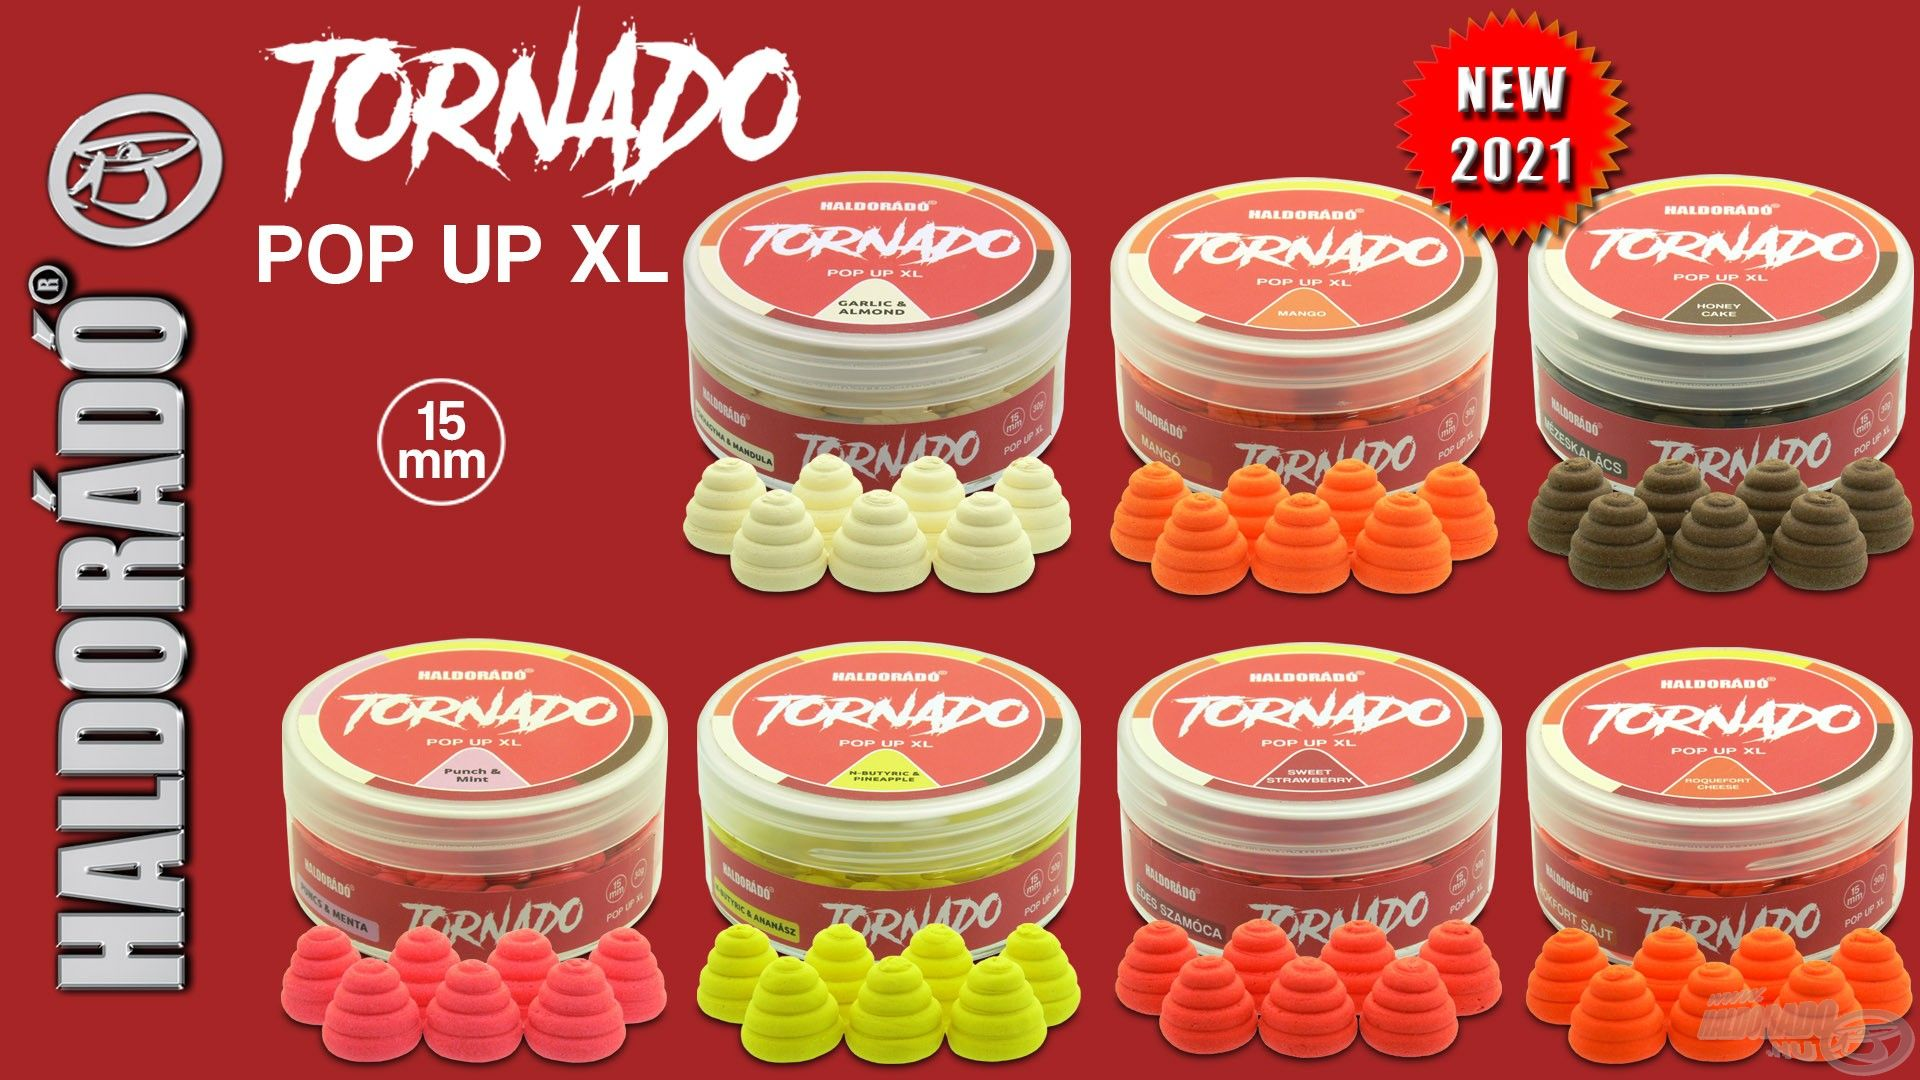 Büszkén mutatjuk be 2021-es fejlesztéseink közül a TORNADO Pop Up XL csalikat!